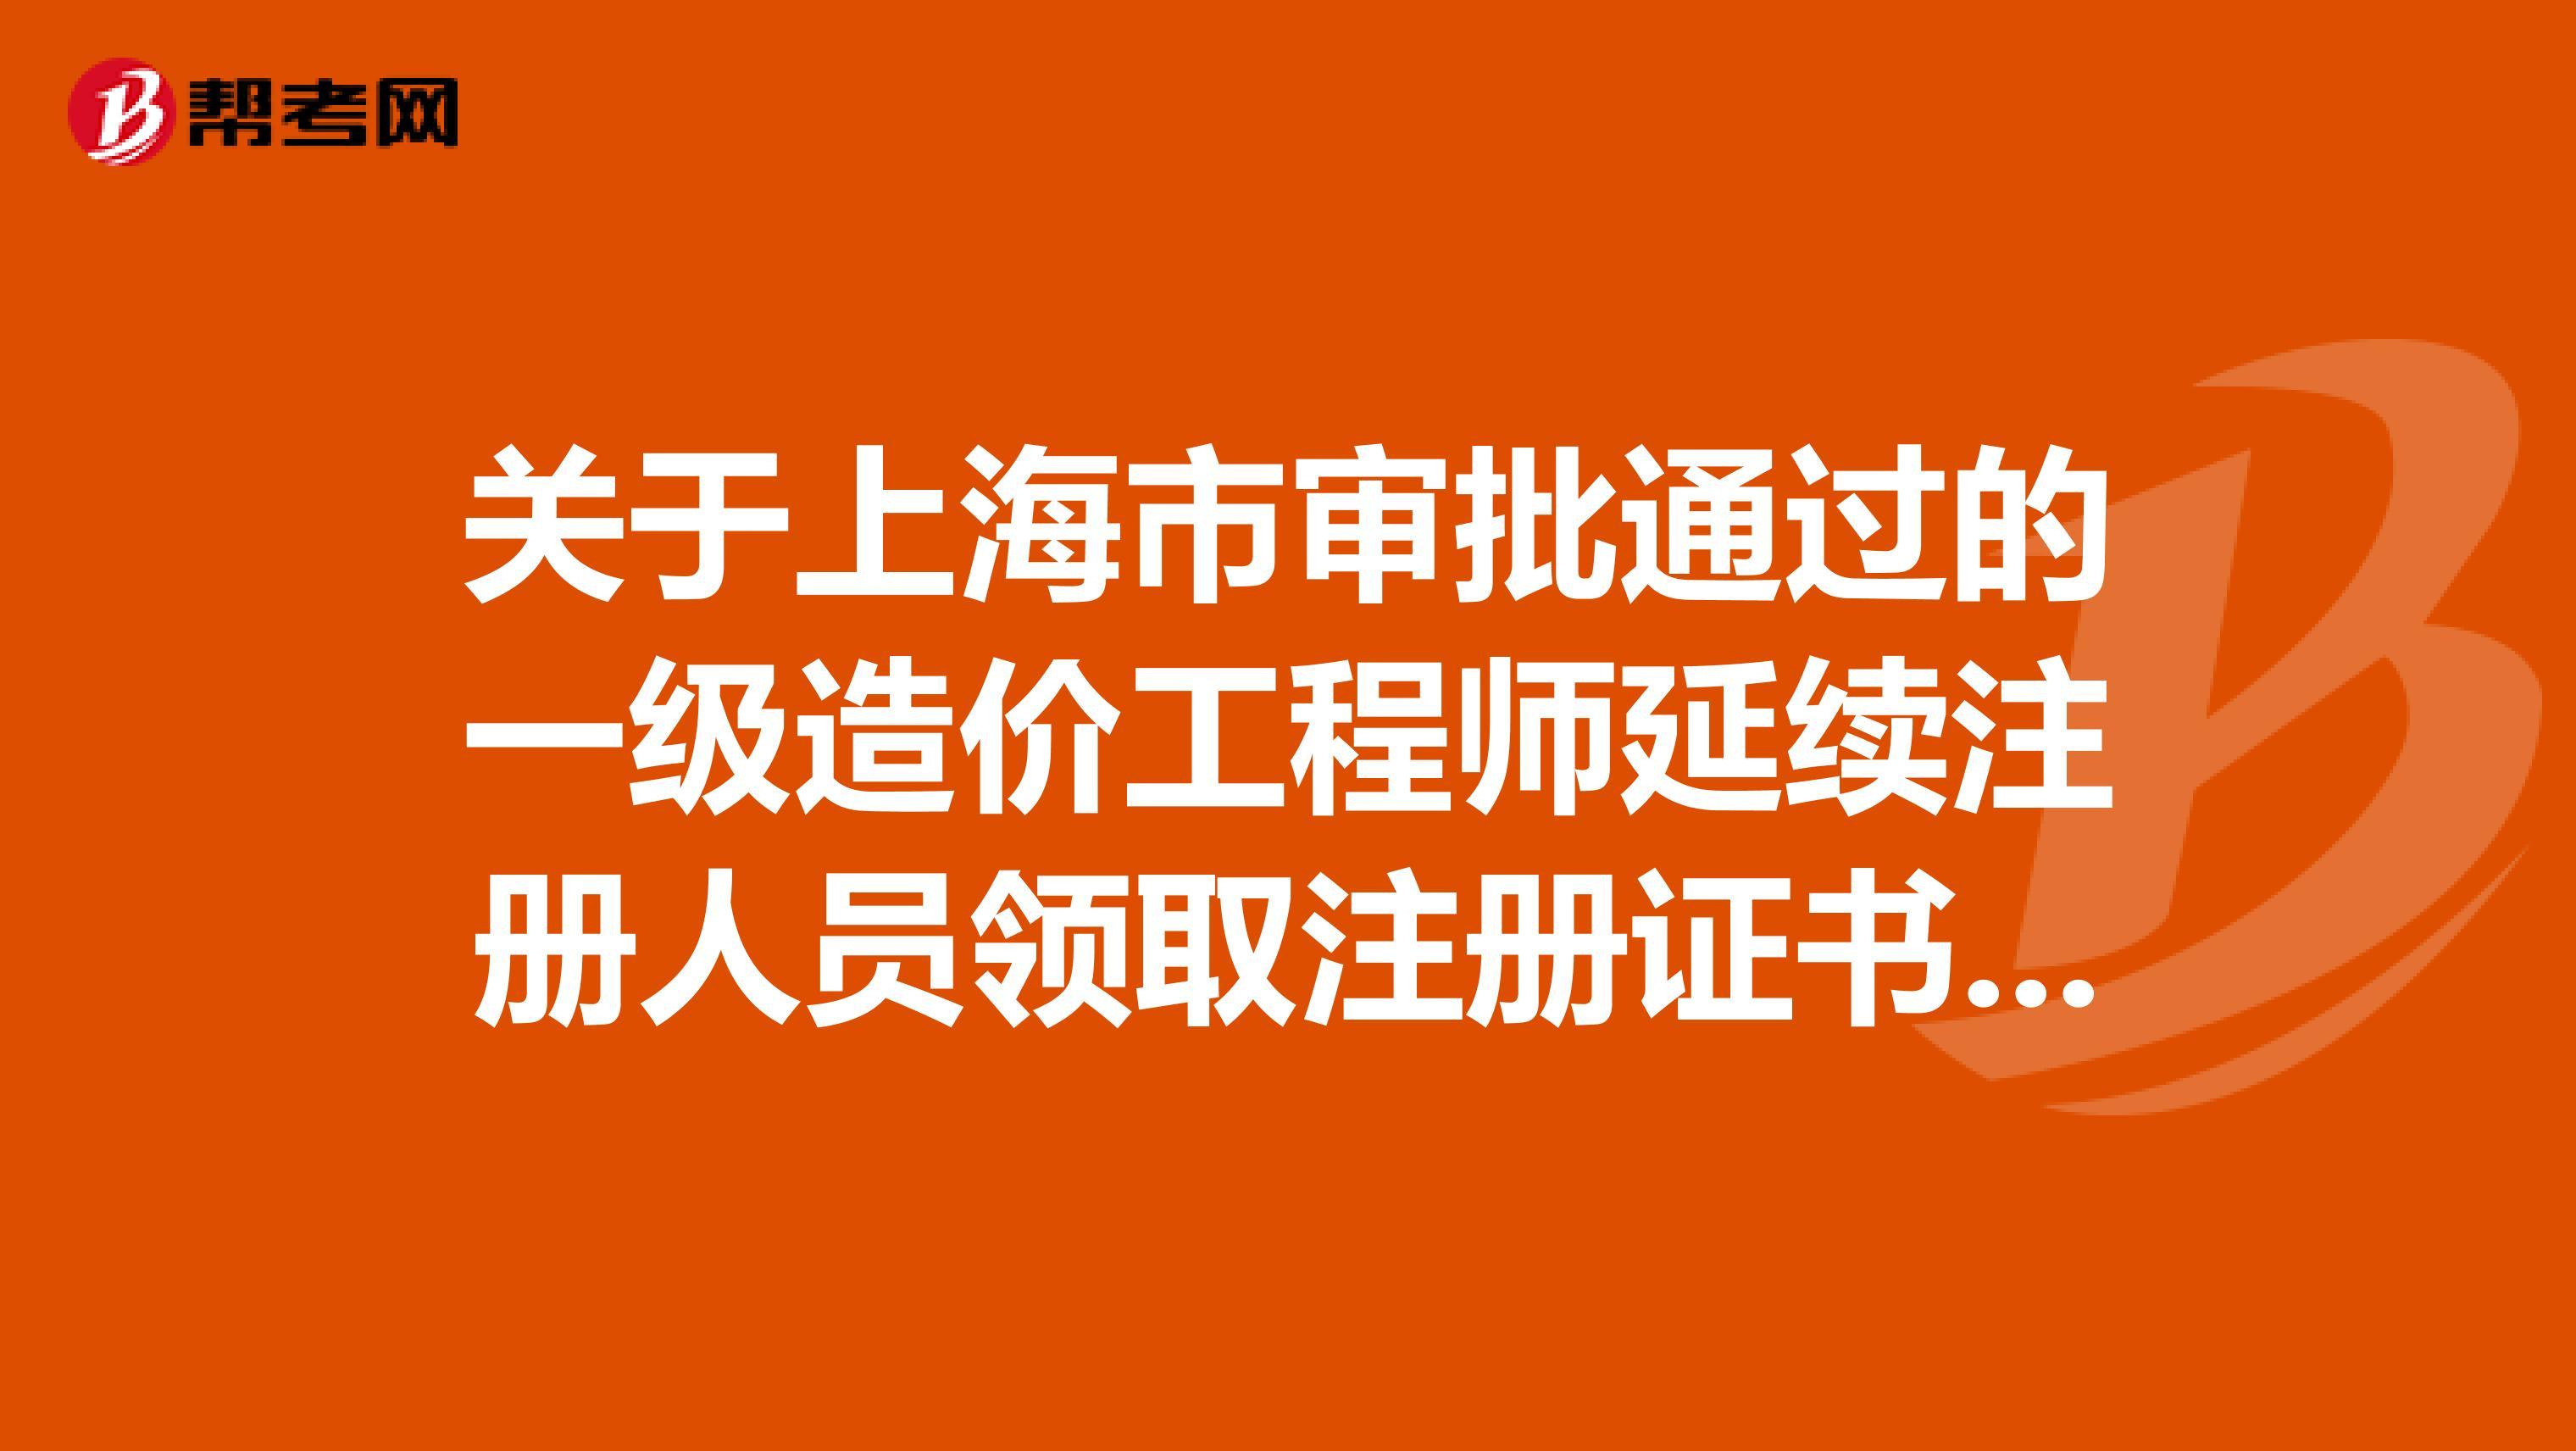 关于上海市审批通过的一级造价工程师延续注册人员领取注册证书的通知